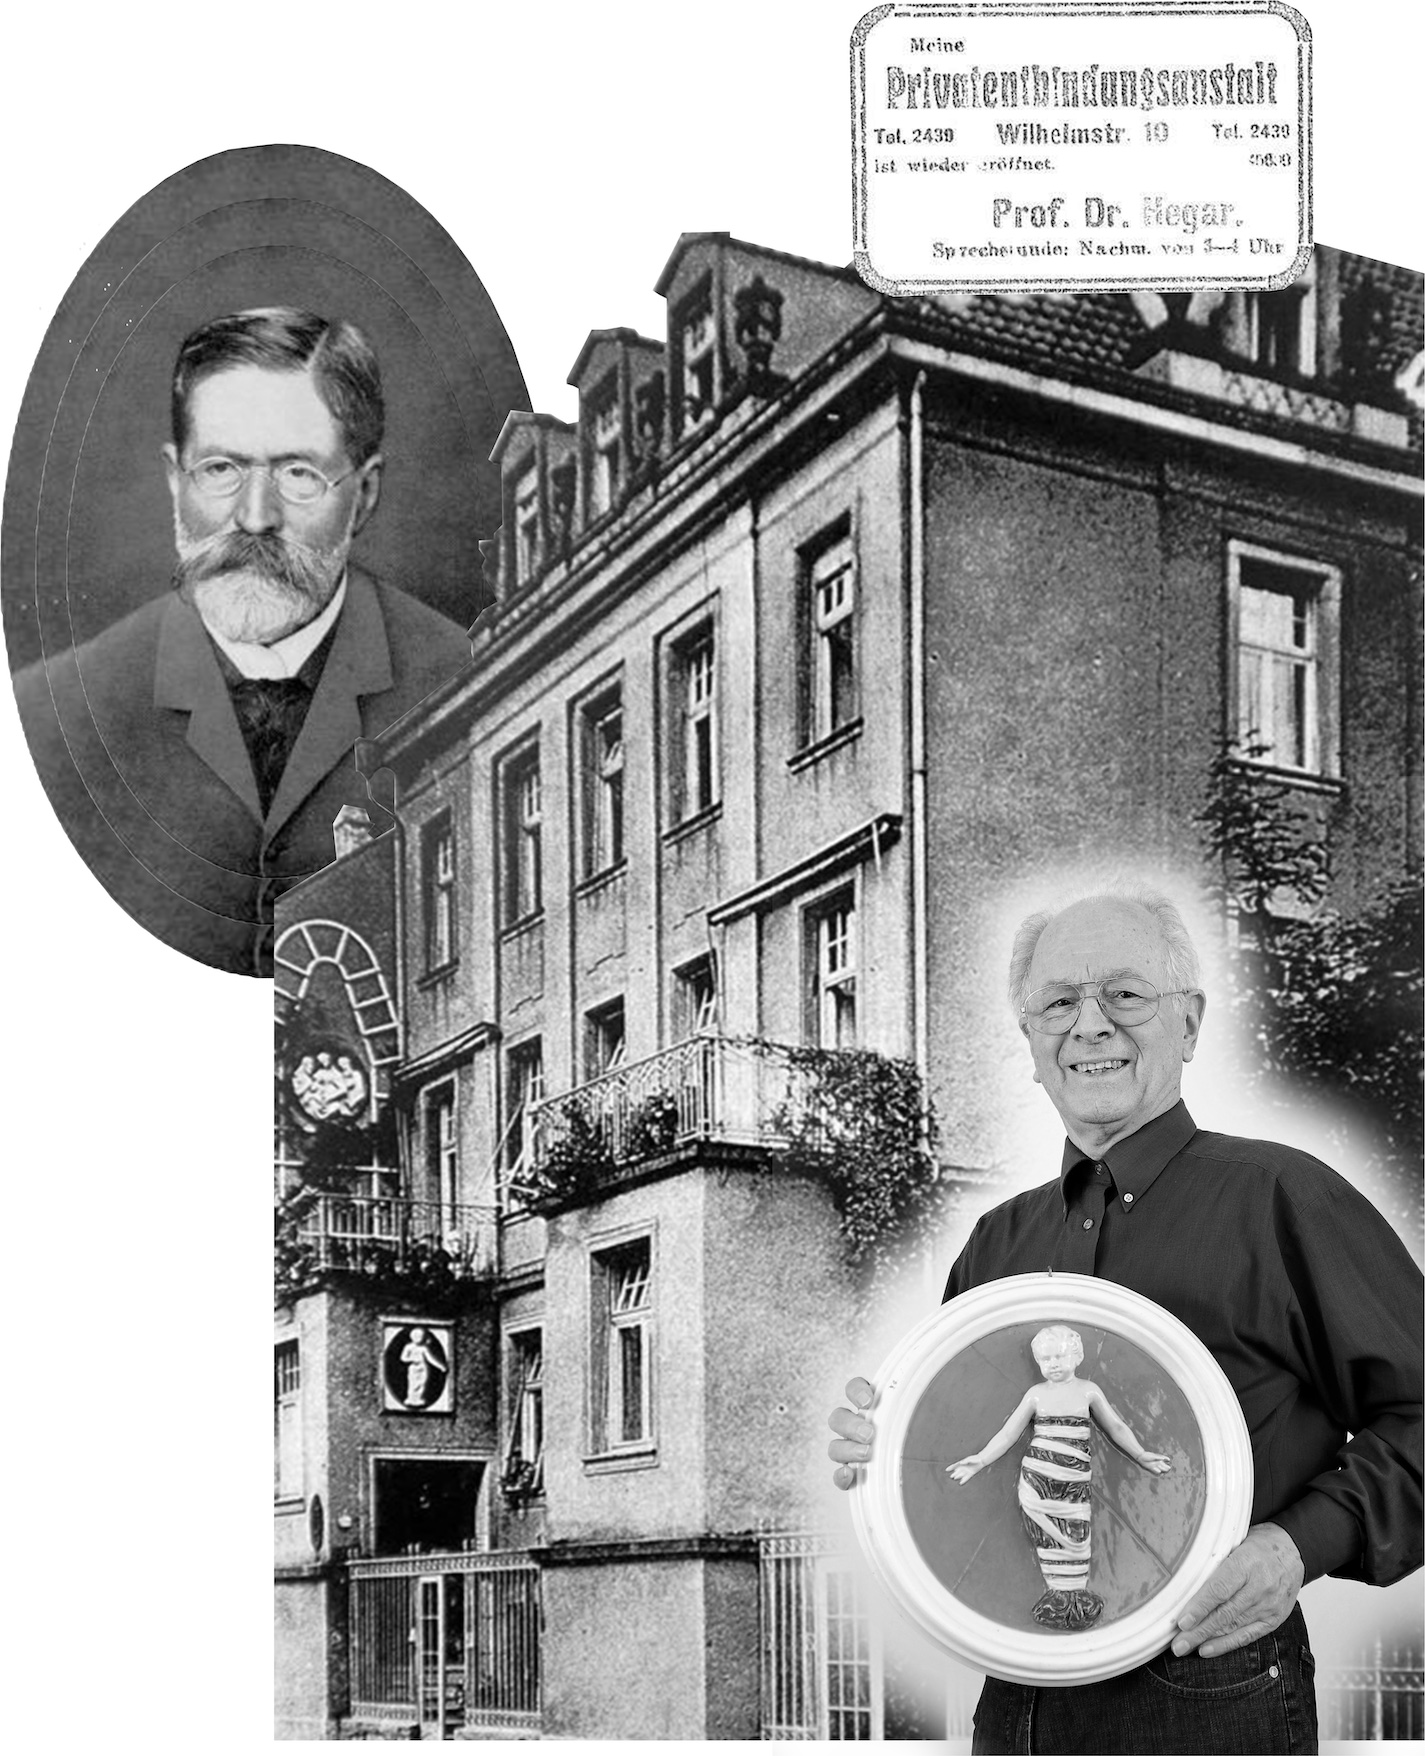 Collage aus historischen Bildern und Dokumenten zur Wilhelmstraße 10.